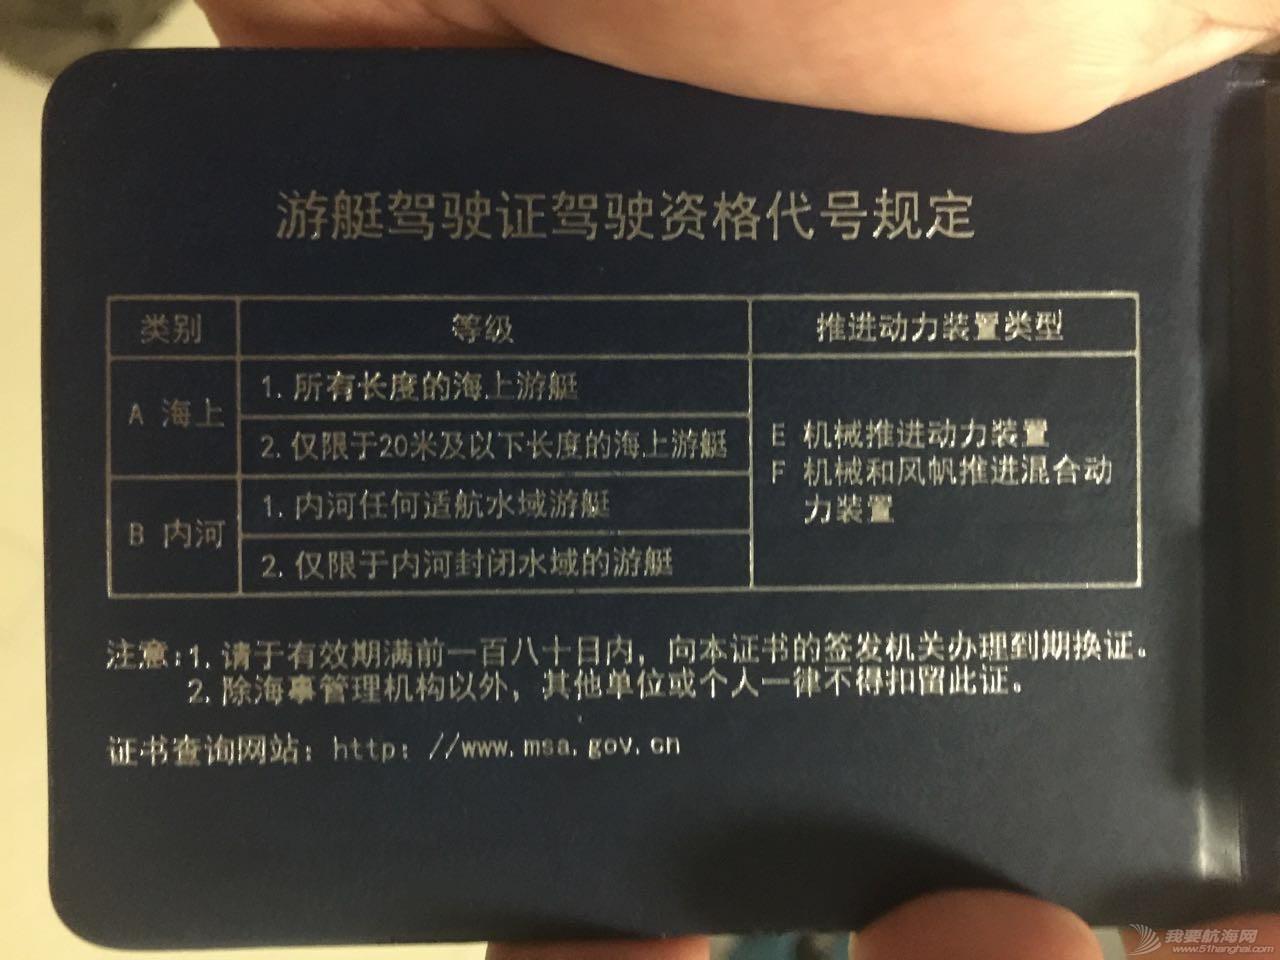 游艇驾照,帆船驾照,RYA,ASA,IYT 中国游艇驾驶证-帆船培训认证体系大全-4个认证+一个驾照:RYA/ASA/IYT/CYA/A2F 中华人民共和国游艇驾驶证 背面